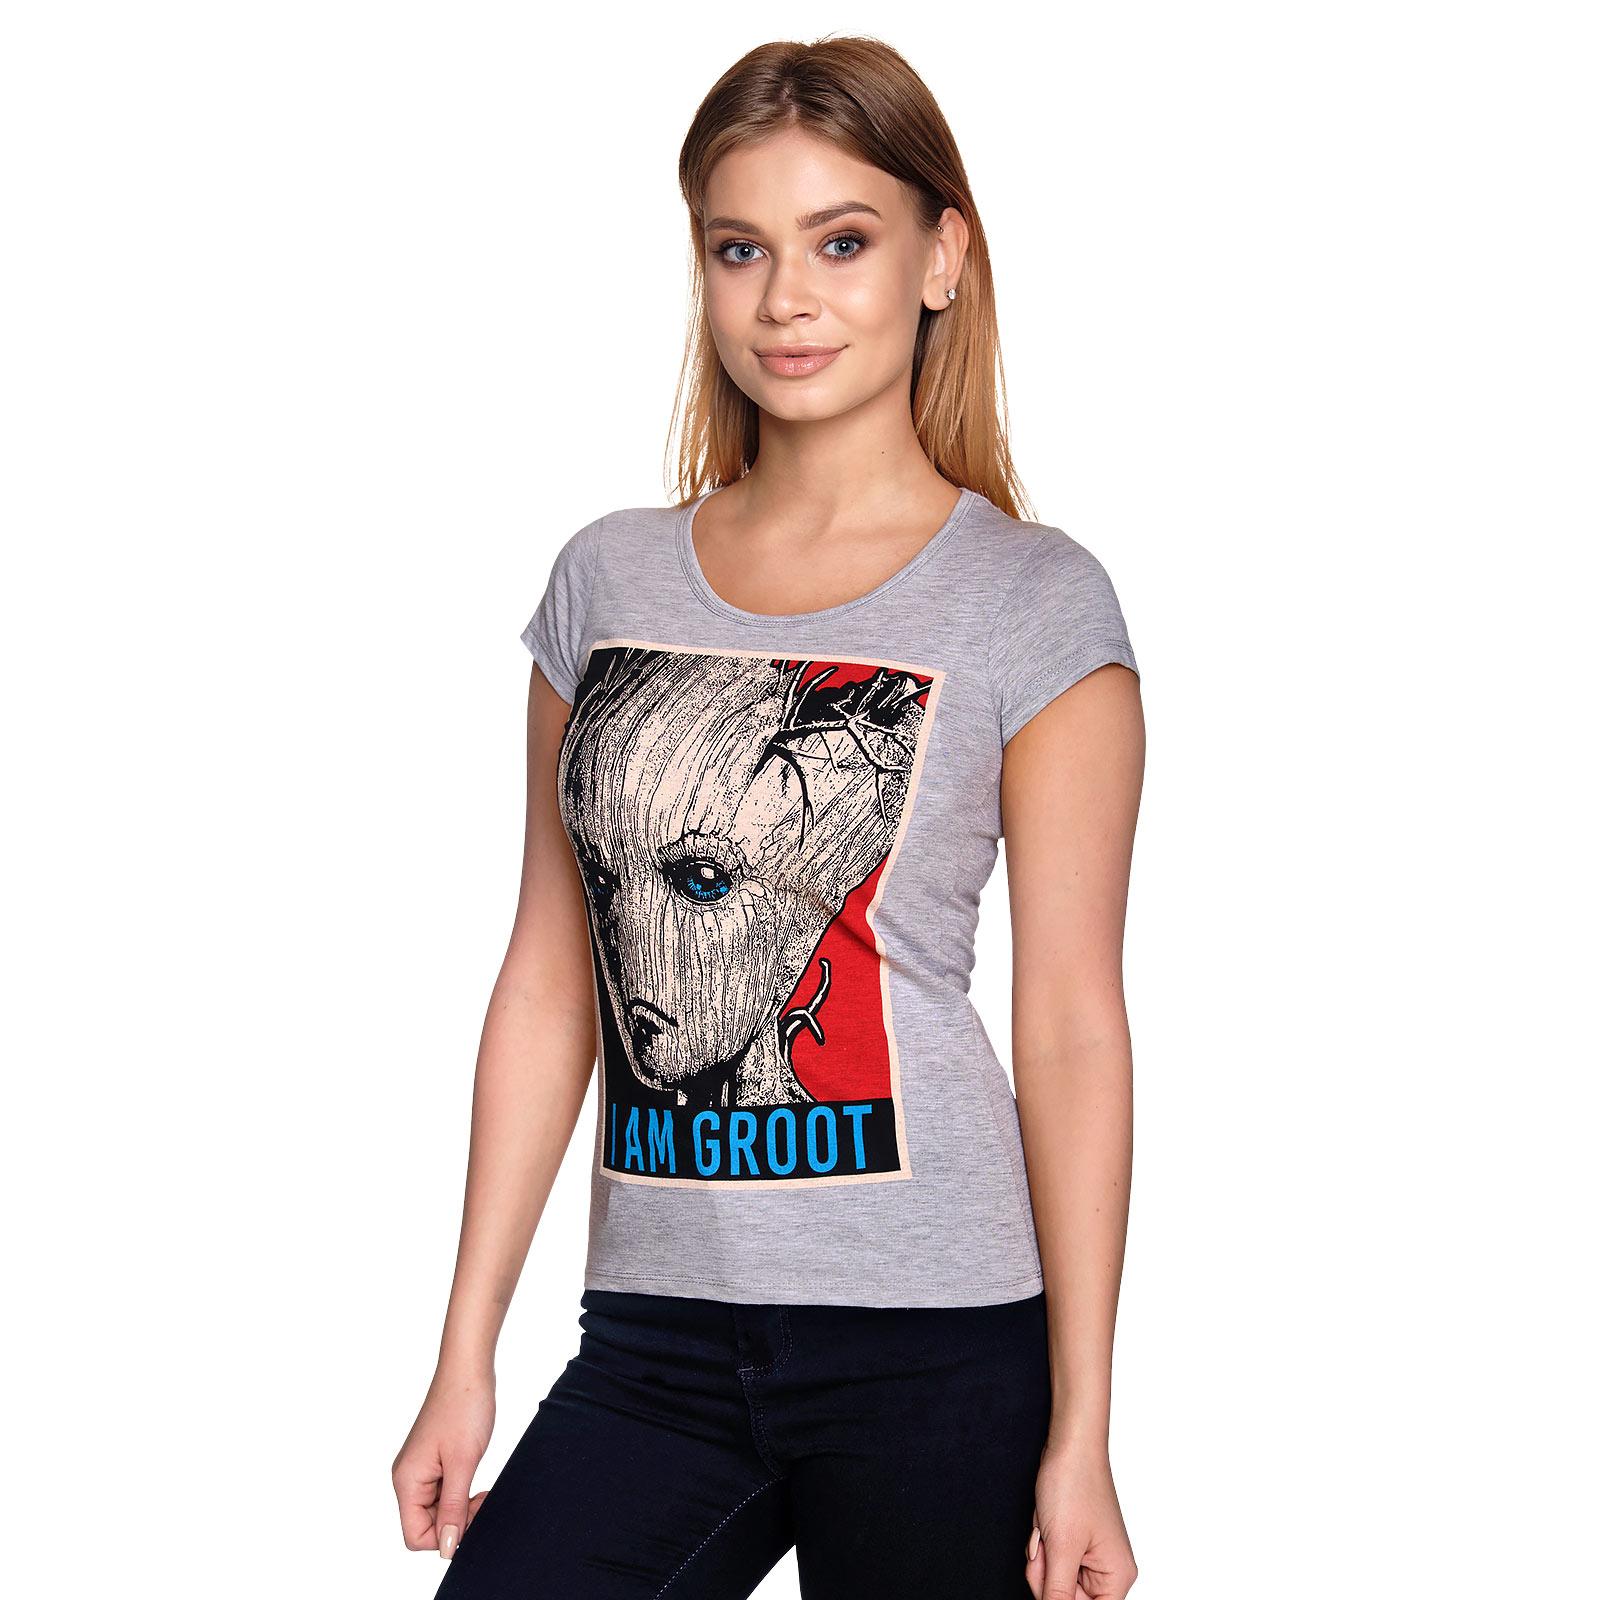 Guardians of the Galaxy - I Am Groot T-Shirt Damen grau